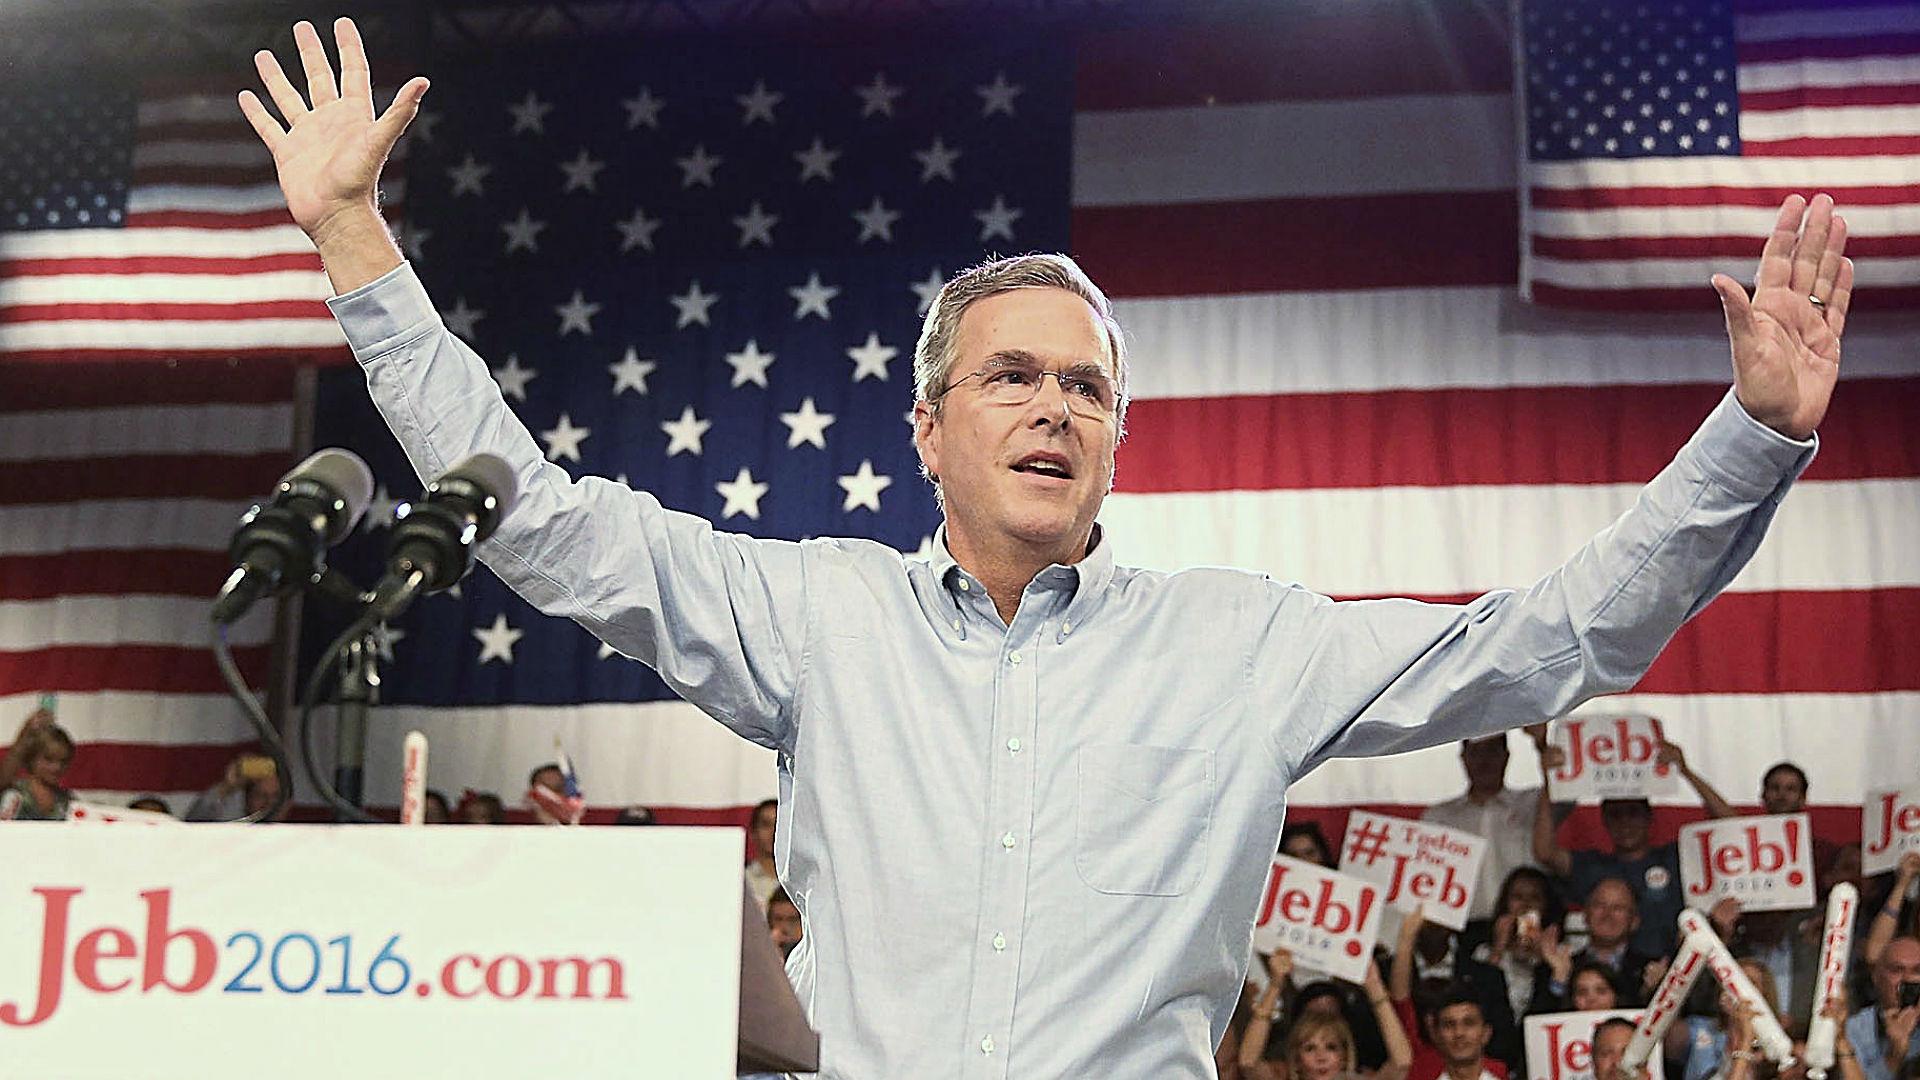 2016 vegas odds for president